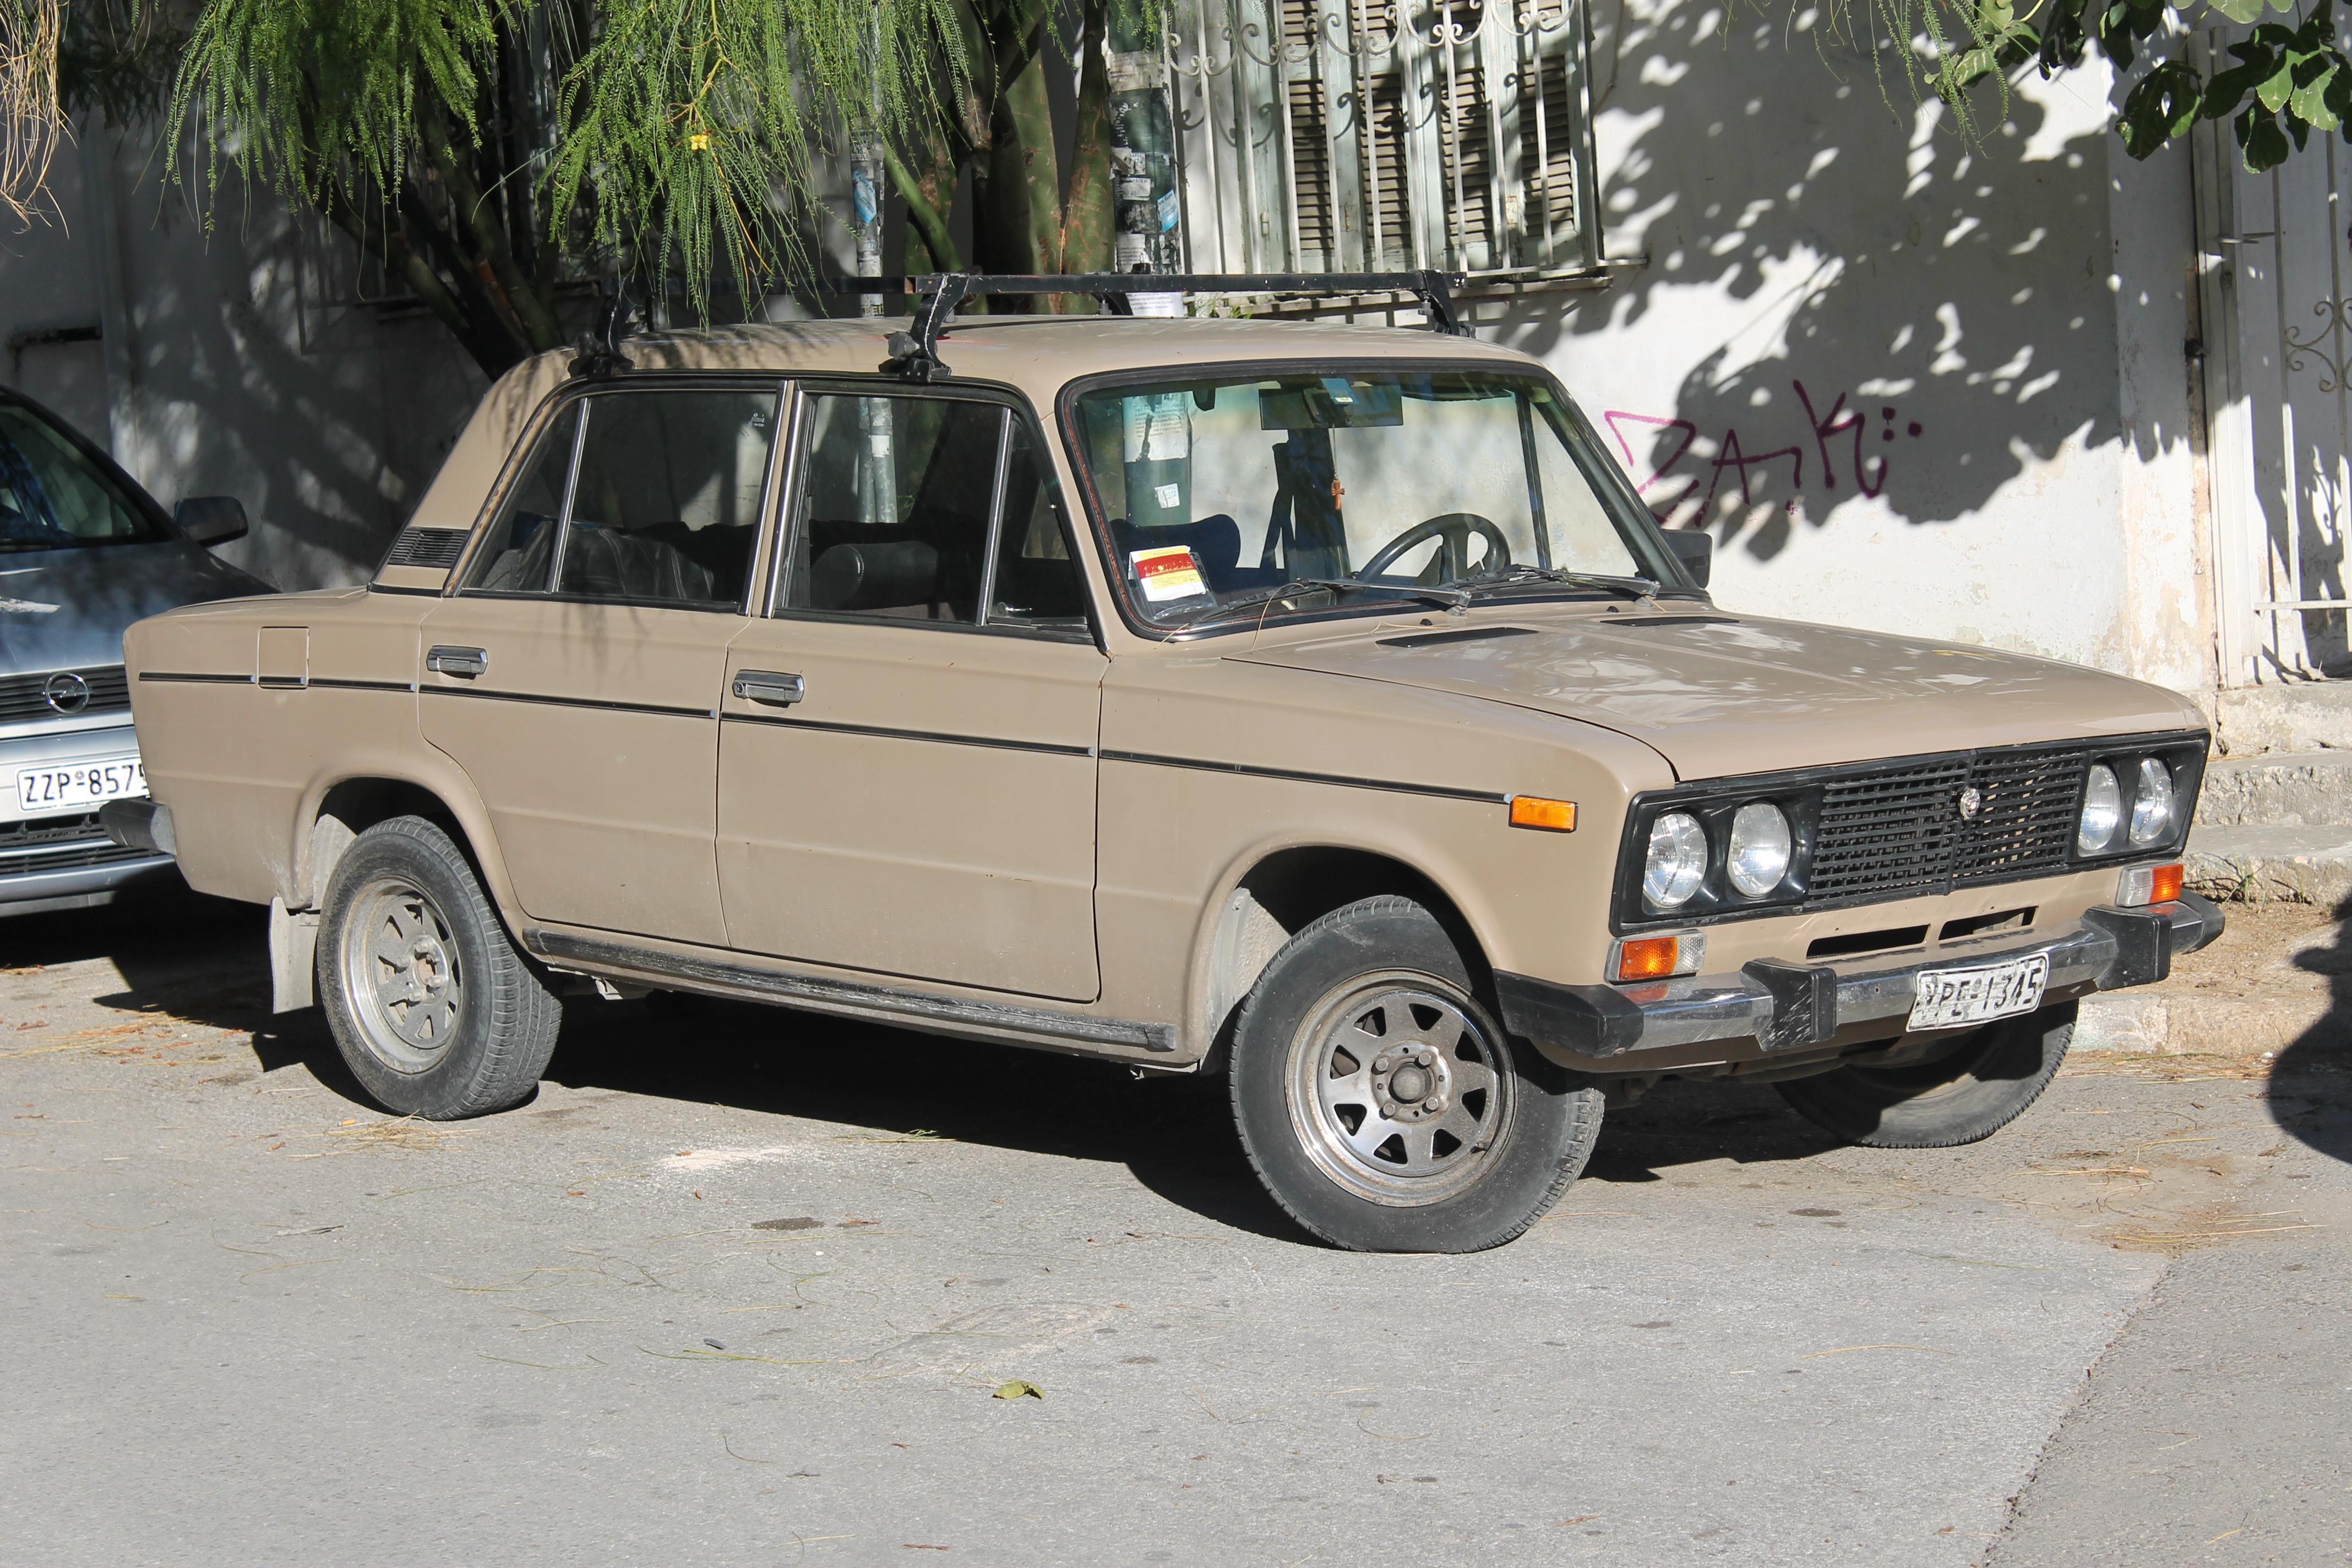 File:Lada 2103 VAZ 1300S (10764559075).jpg